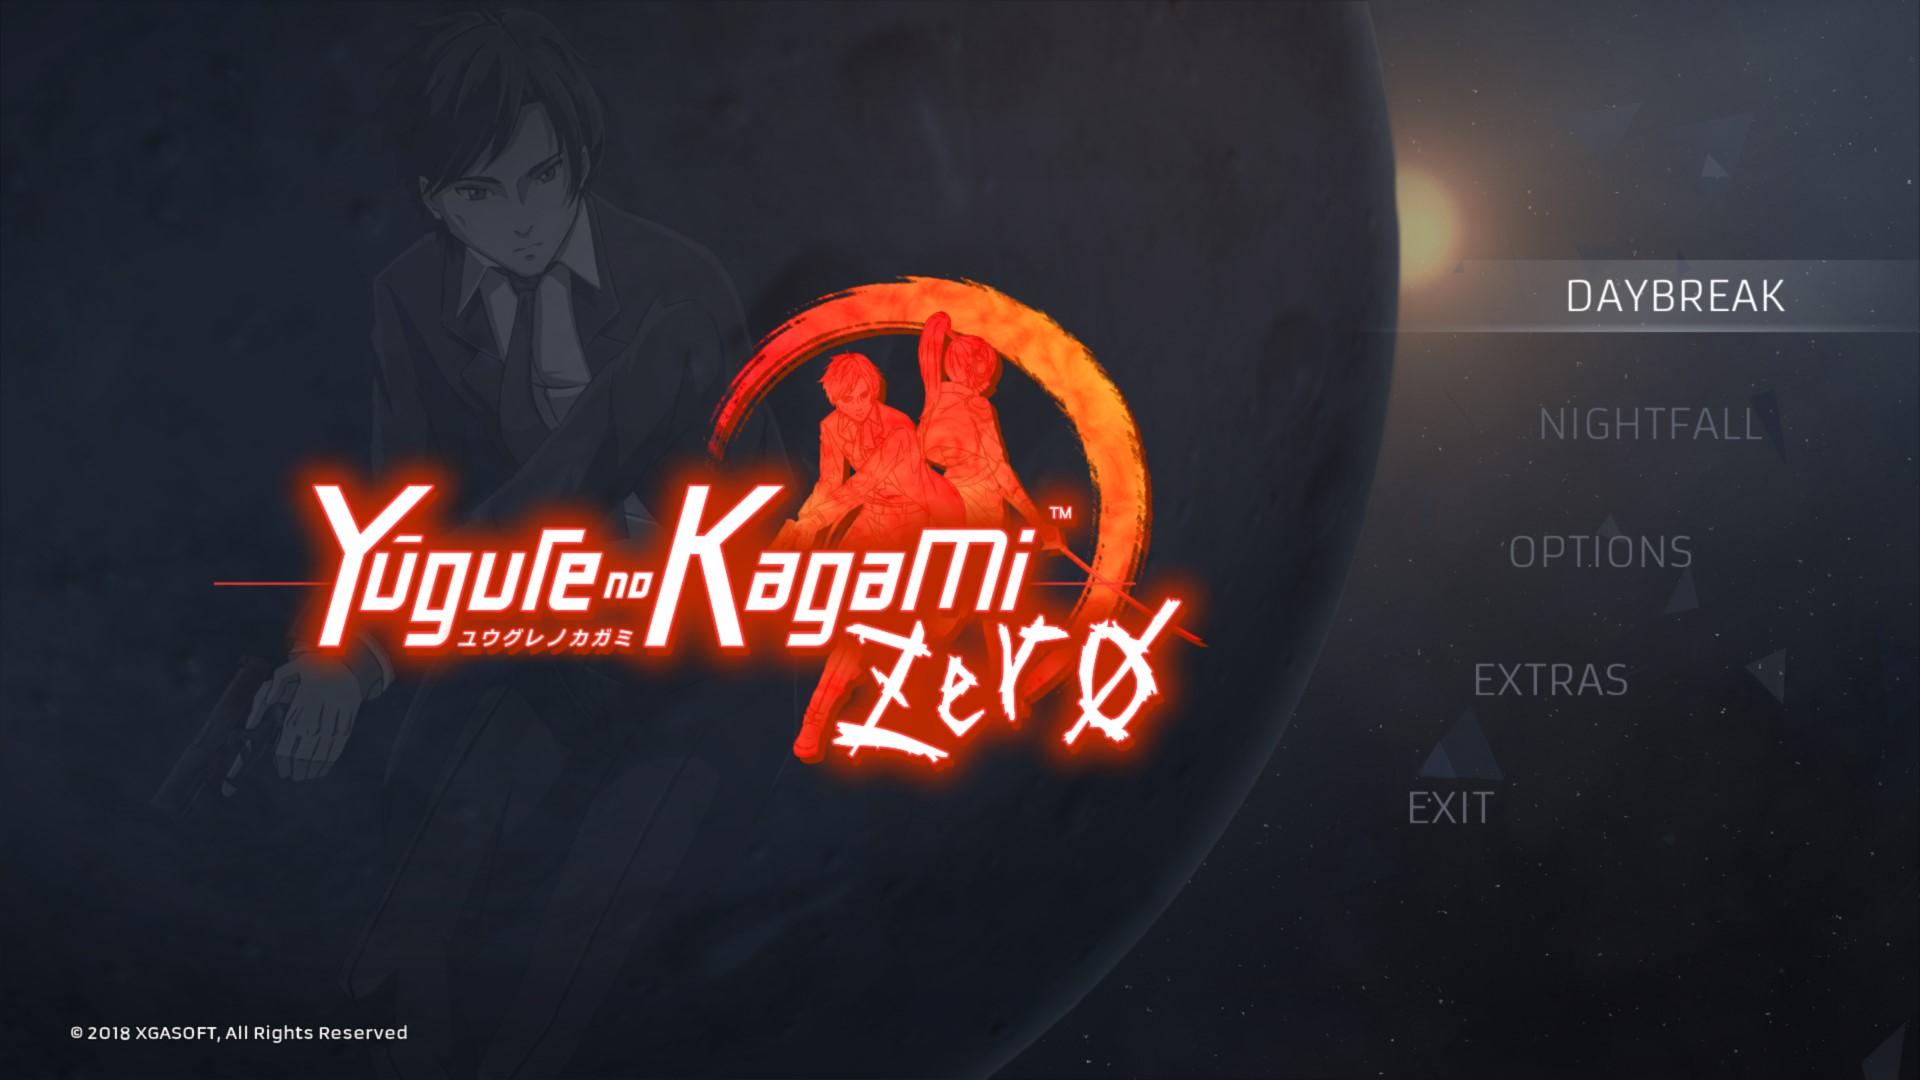 Yugure no Kagami ZERO Main Menu